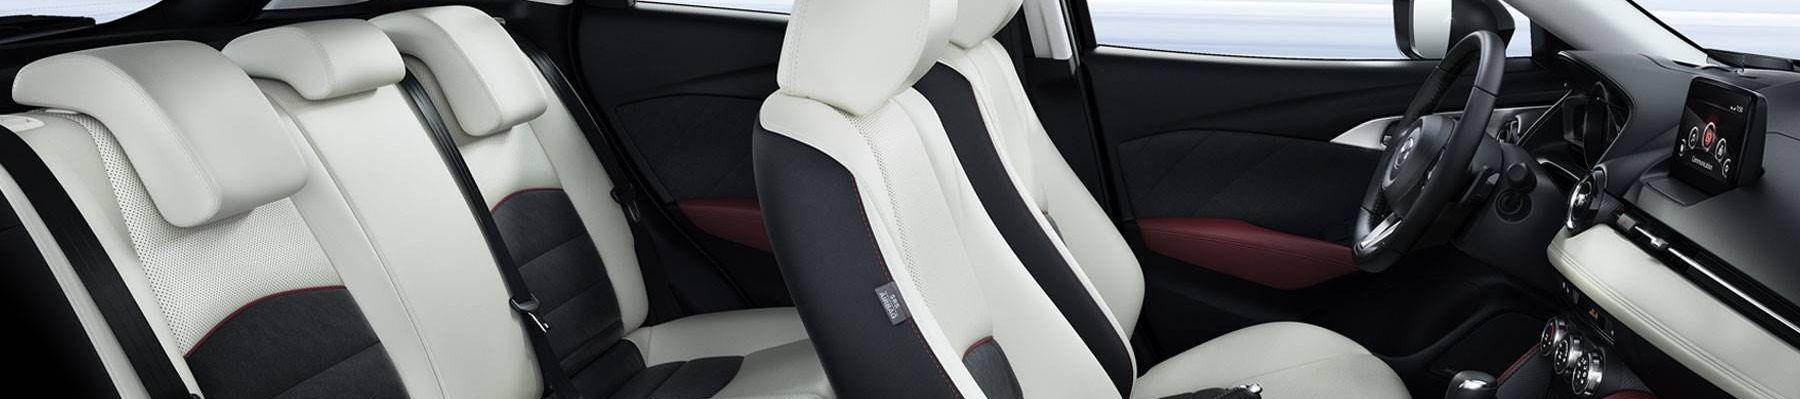 2018 Mazda CX-3 Center Console